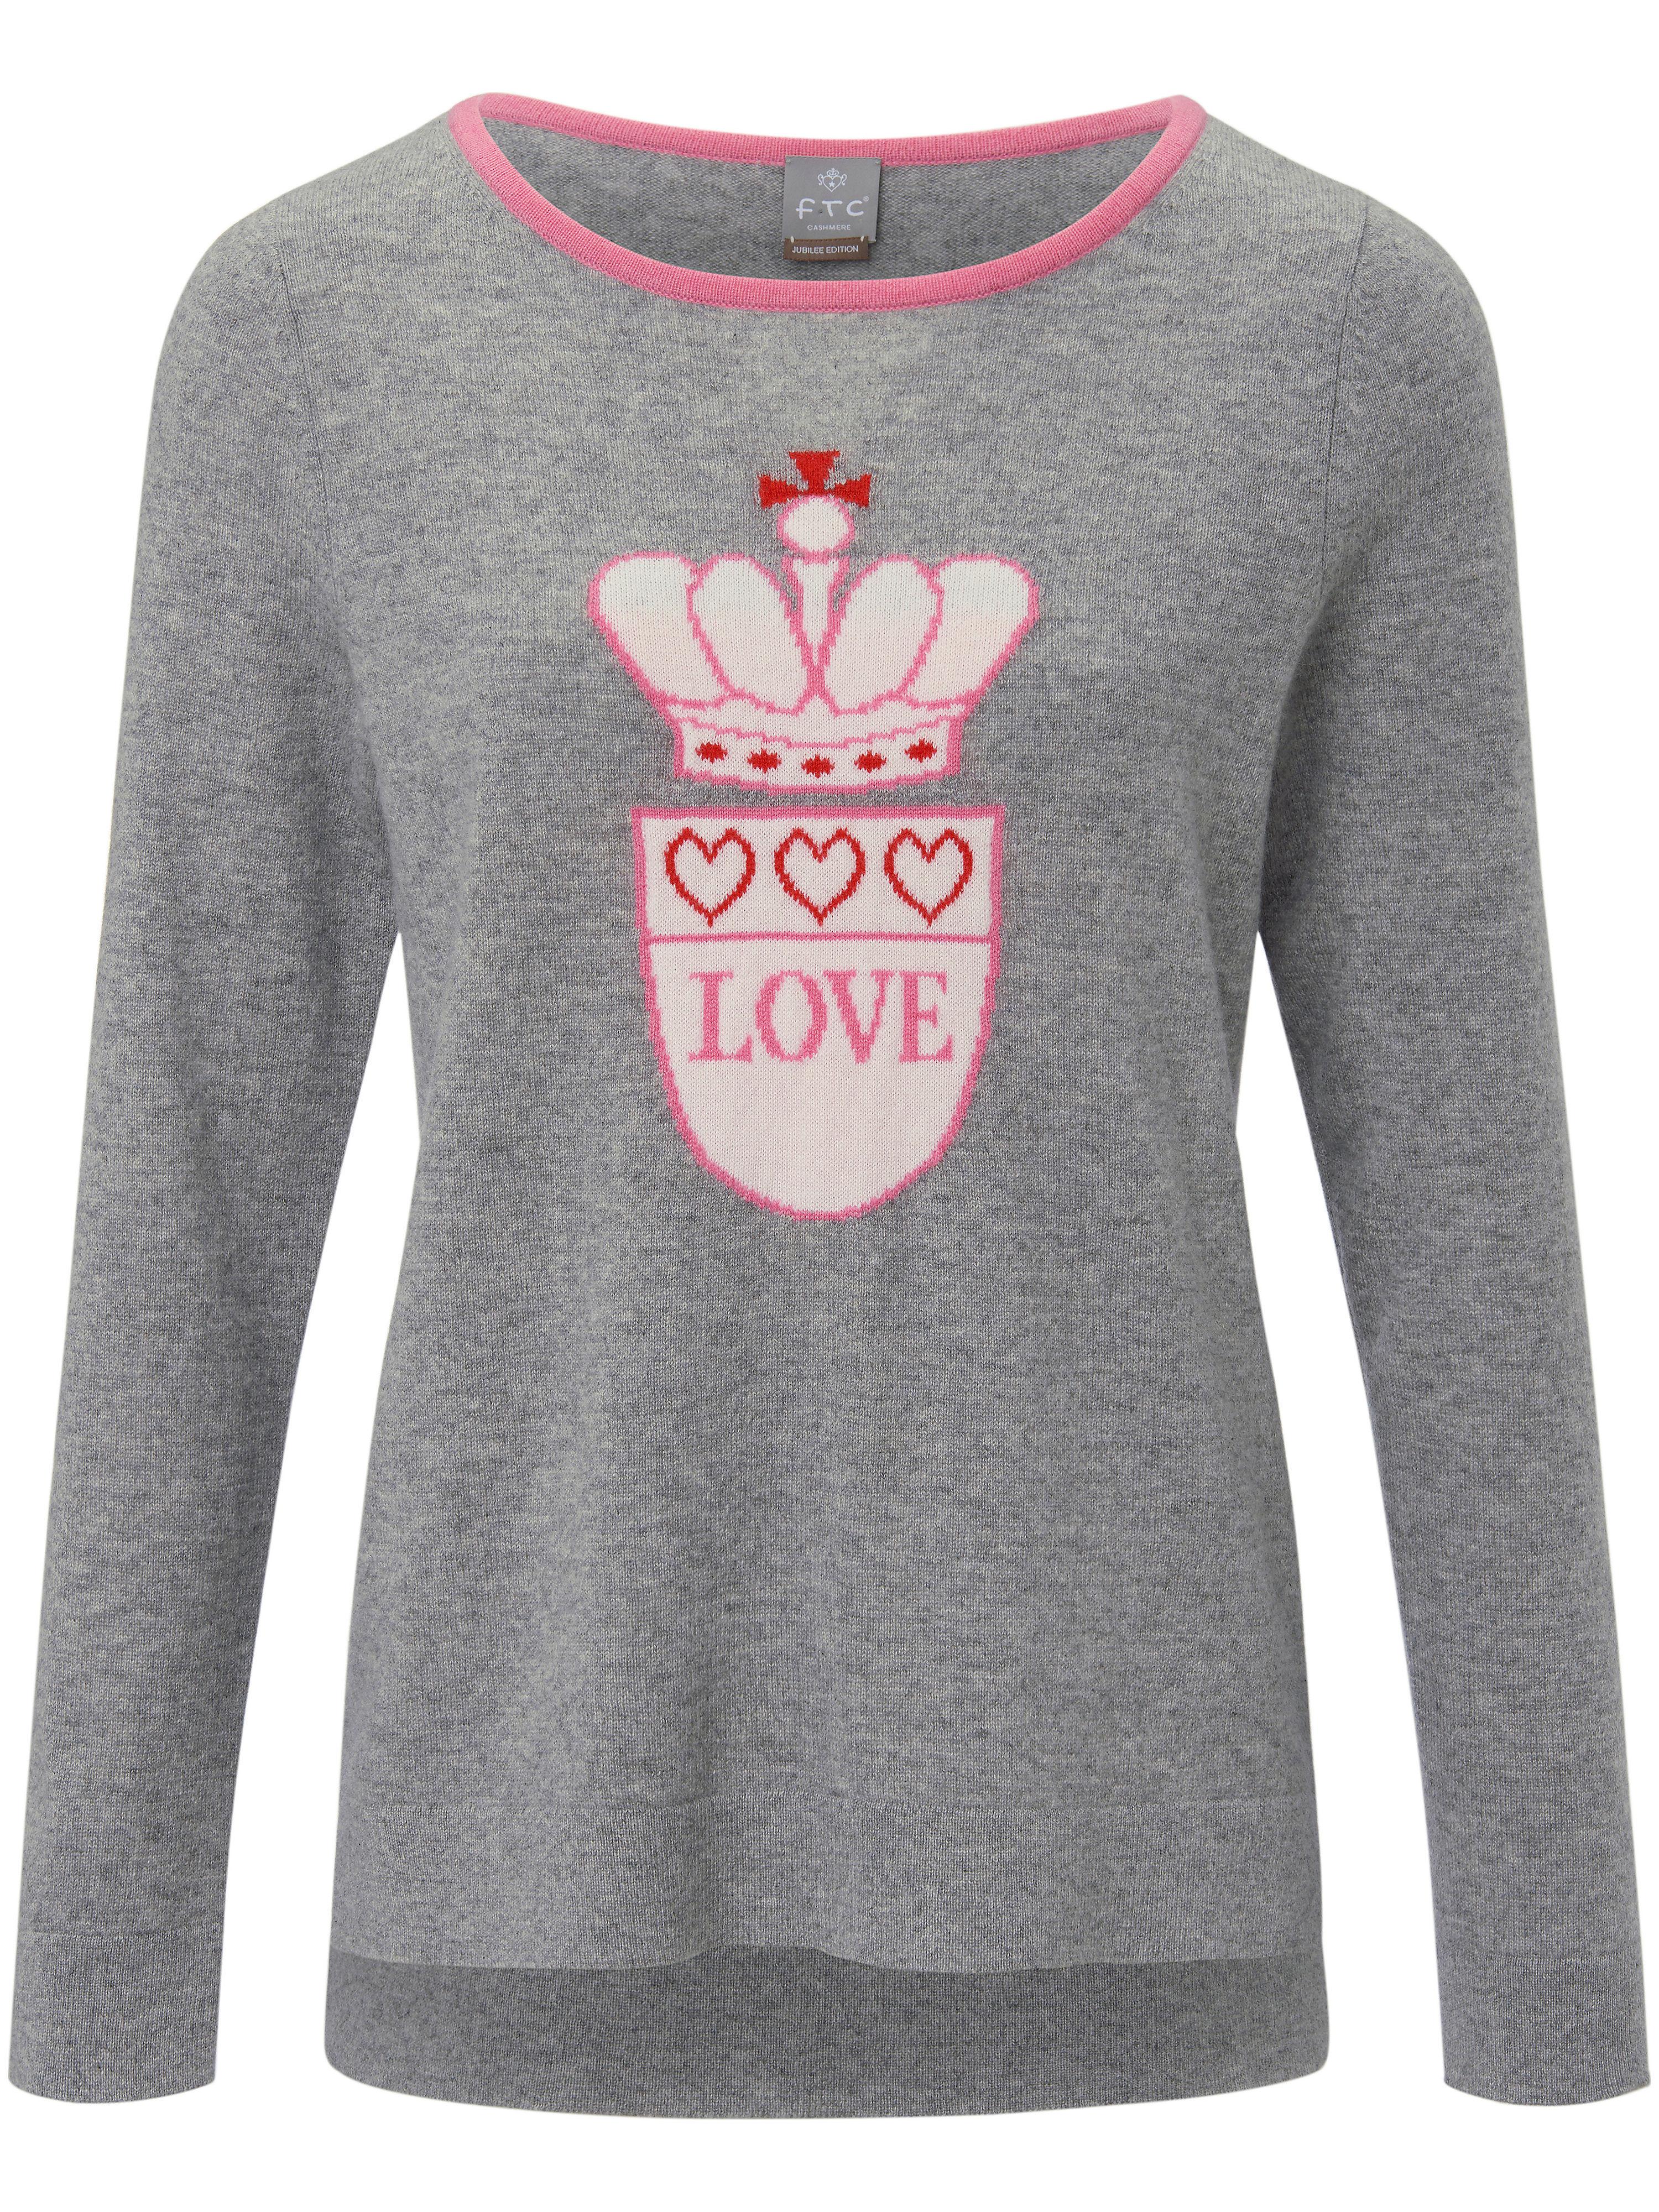 FTC Cashmere Rundhalsad tröja  i 100% kashmir från FTC Cashmere grå